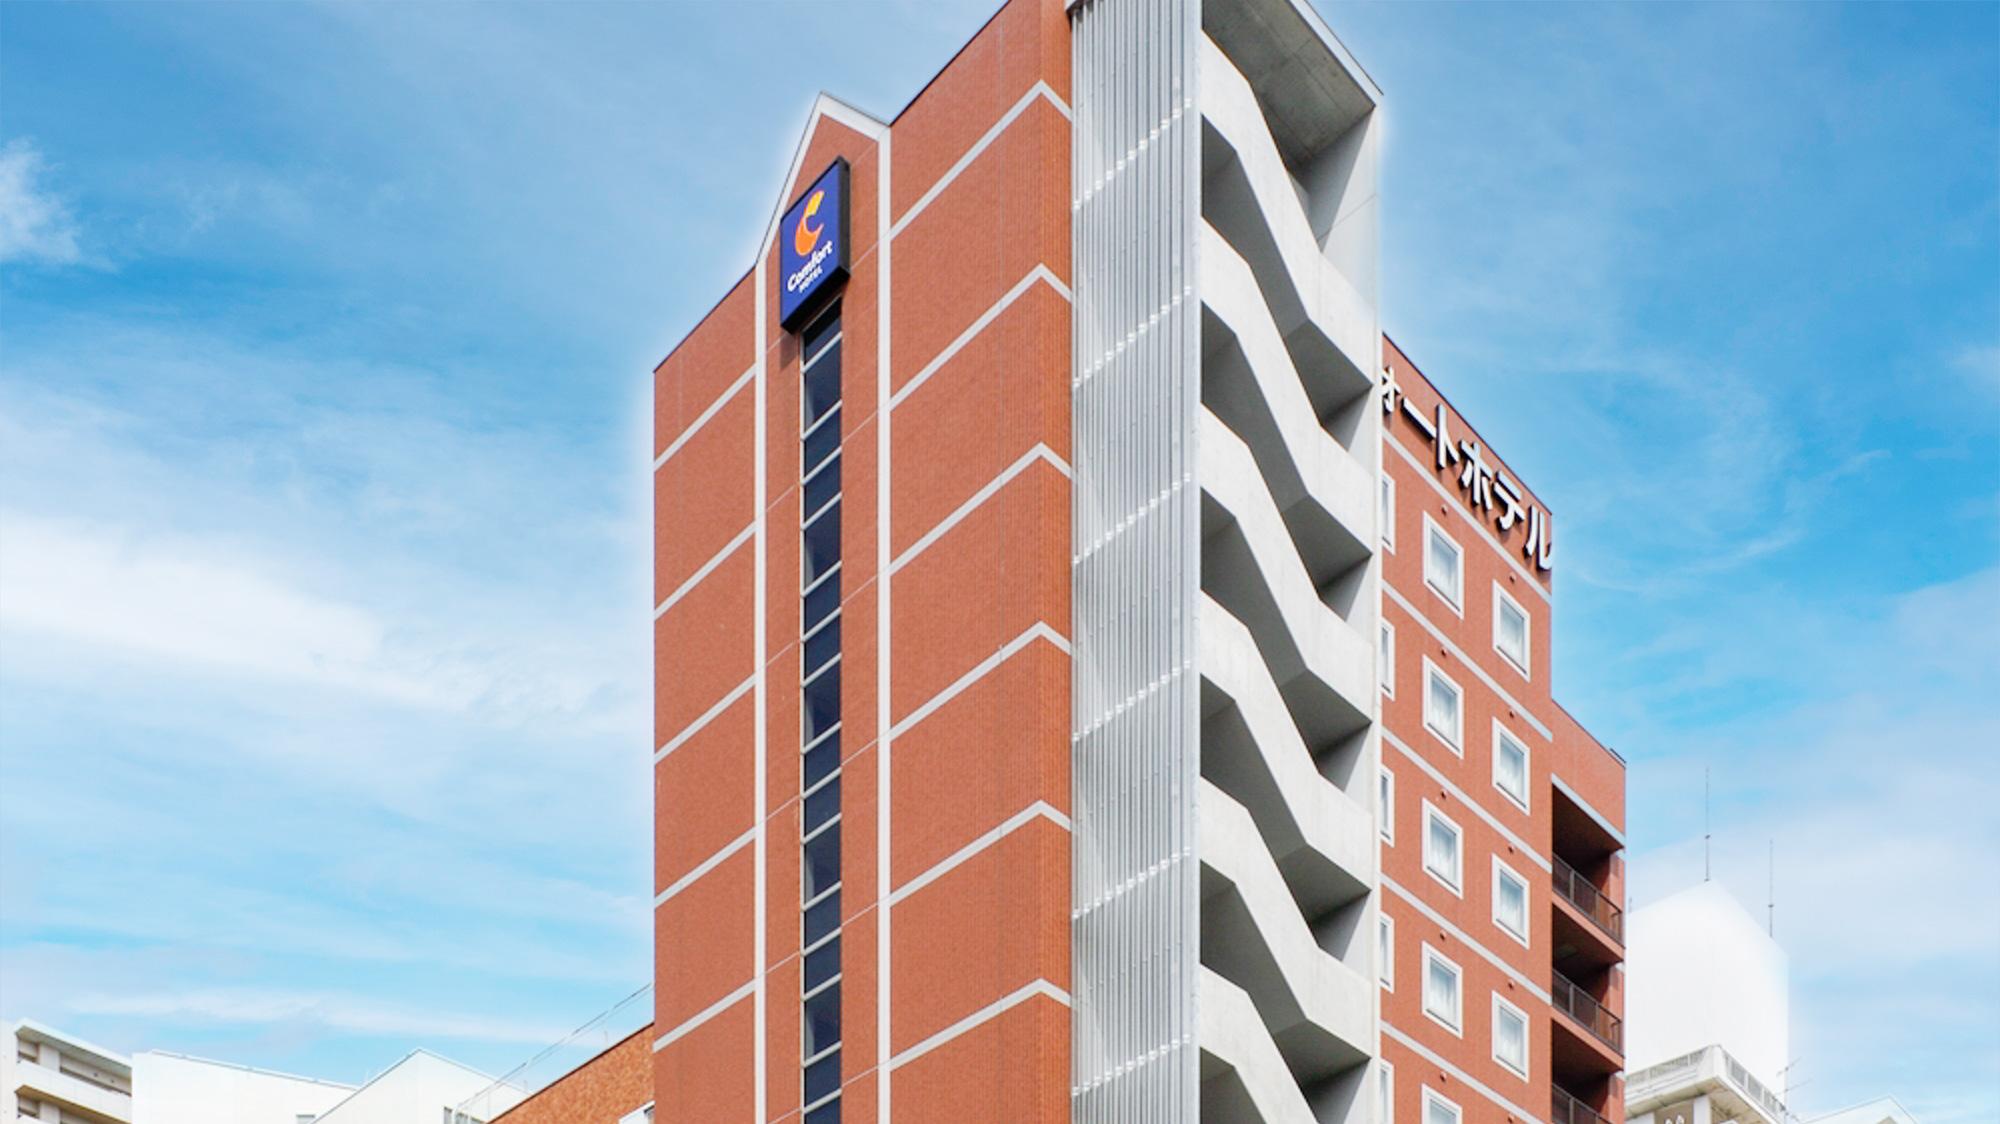 コンフォート ホテル 函館◆楽天トラベル